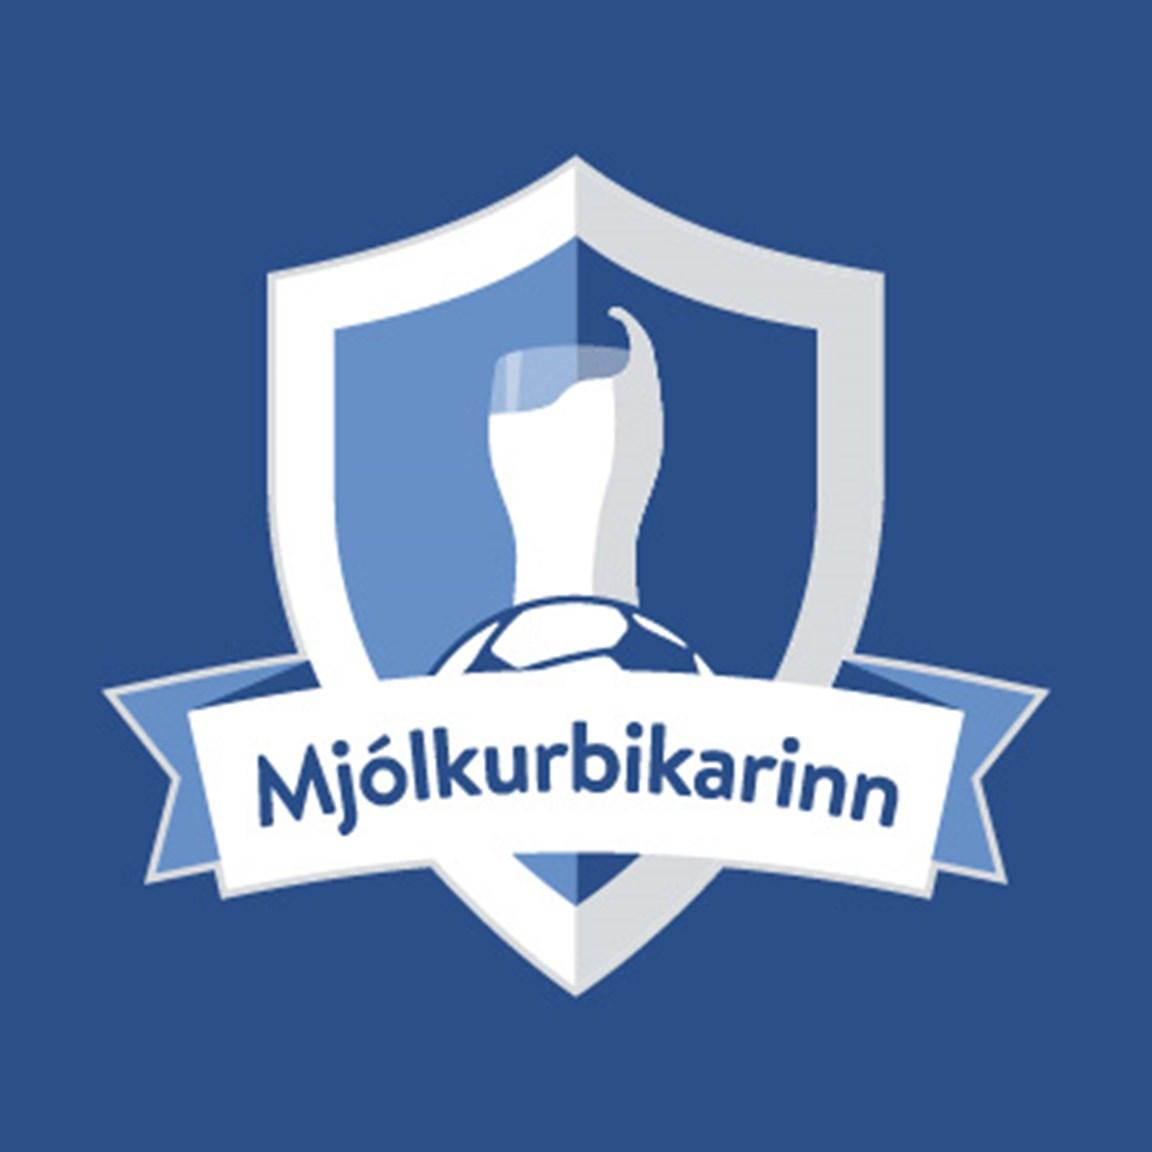 Þórsarar áfram í Mjólkurbikarnum